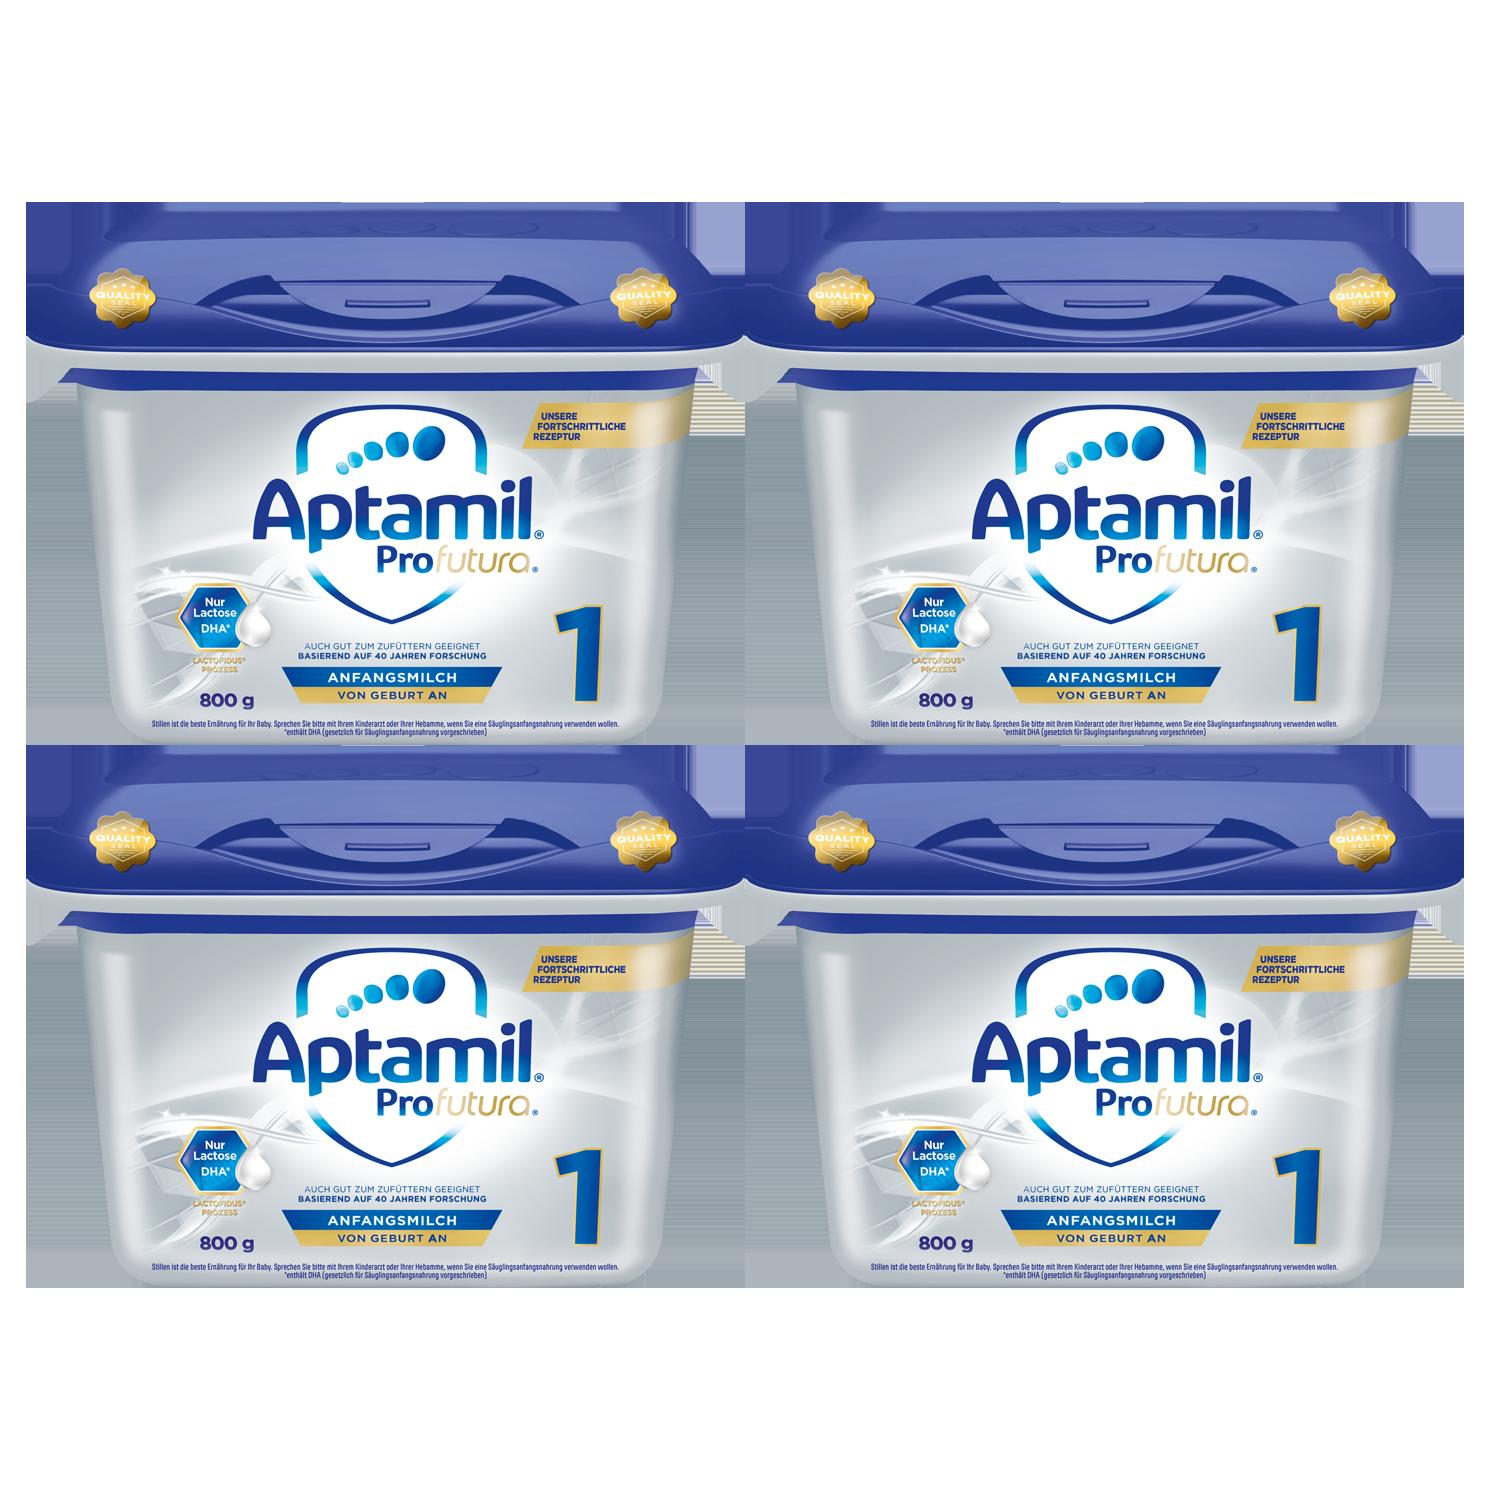 압타밀 프로푸트라 어드밴스 뉴 HMO 1 단계, 4개입, 800g-2-1104878997